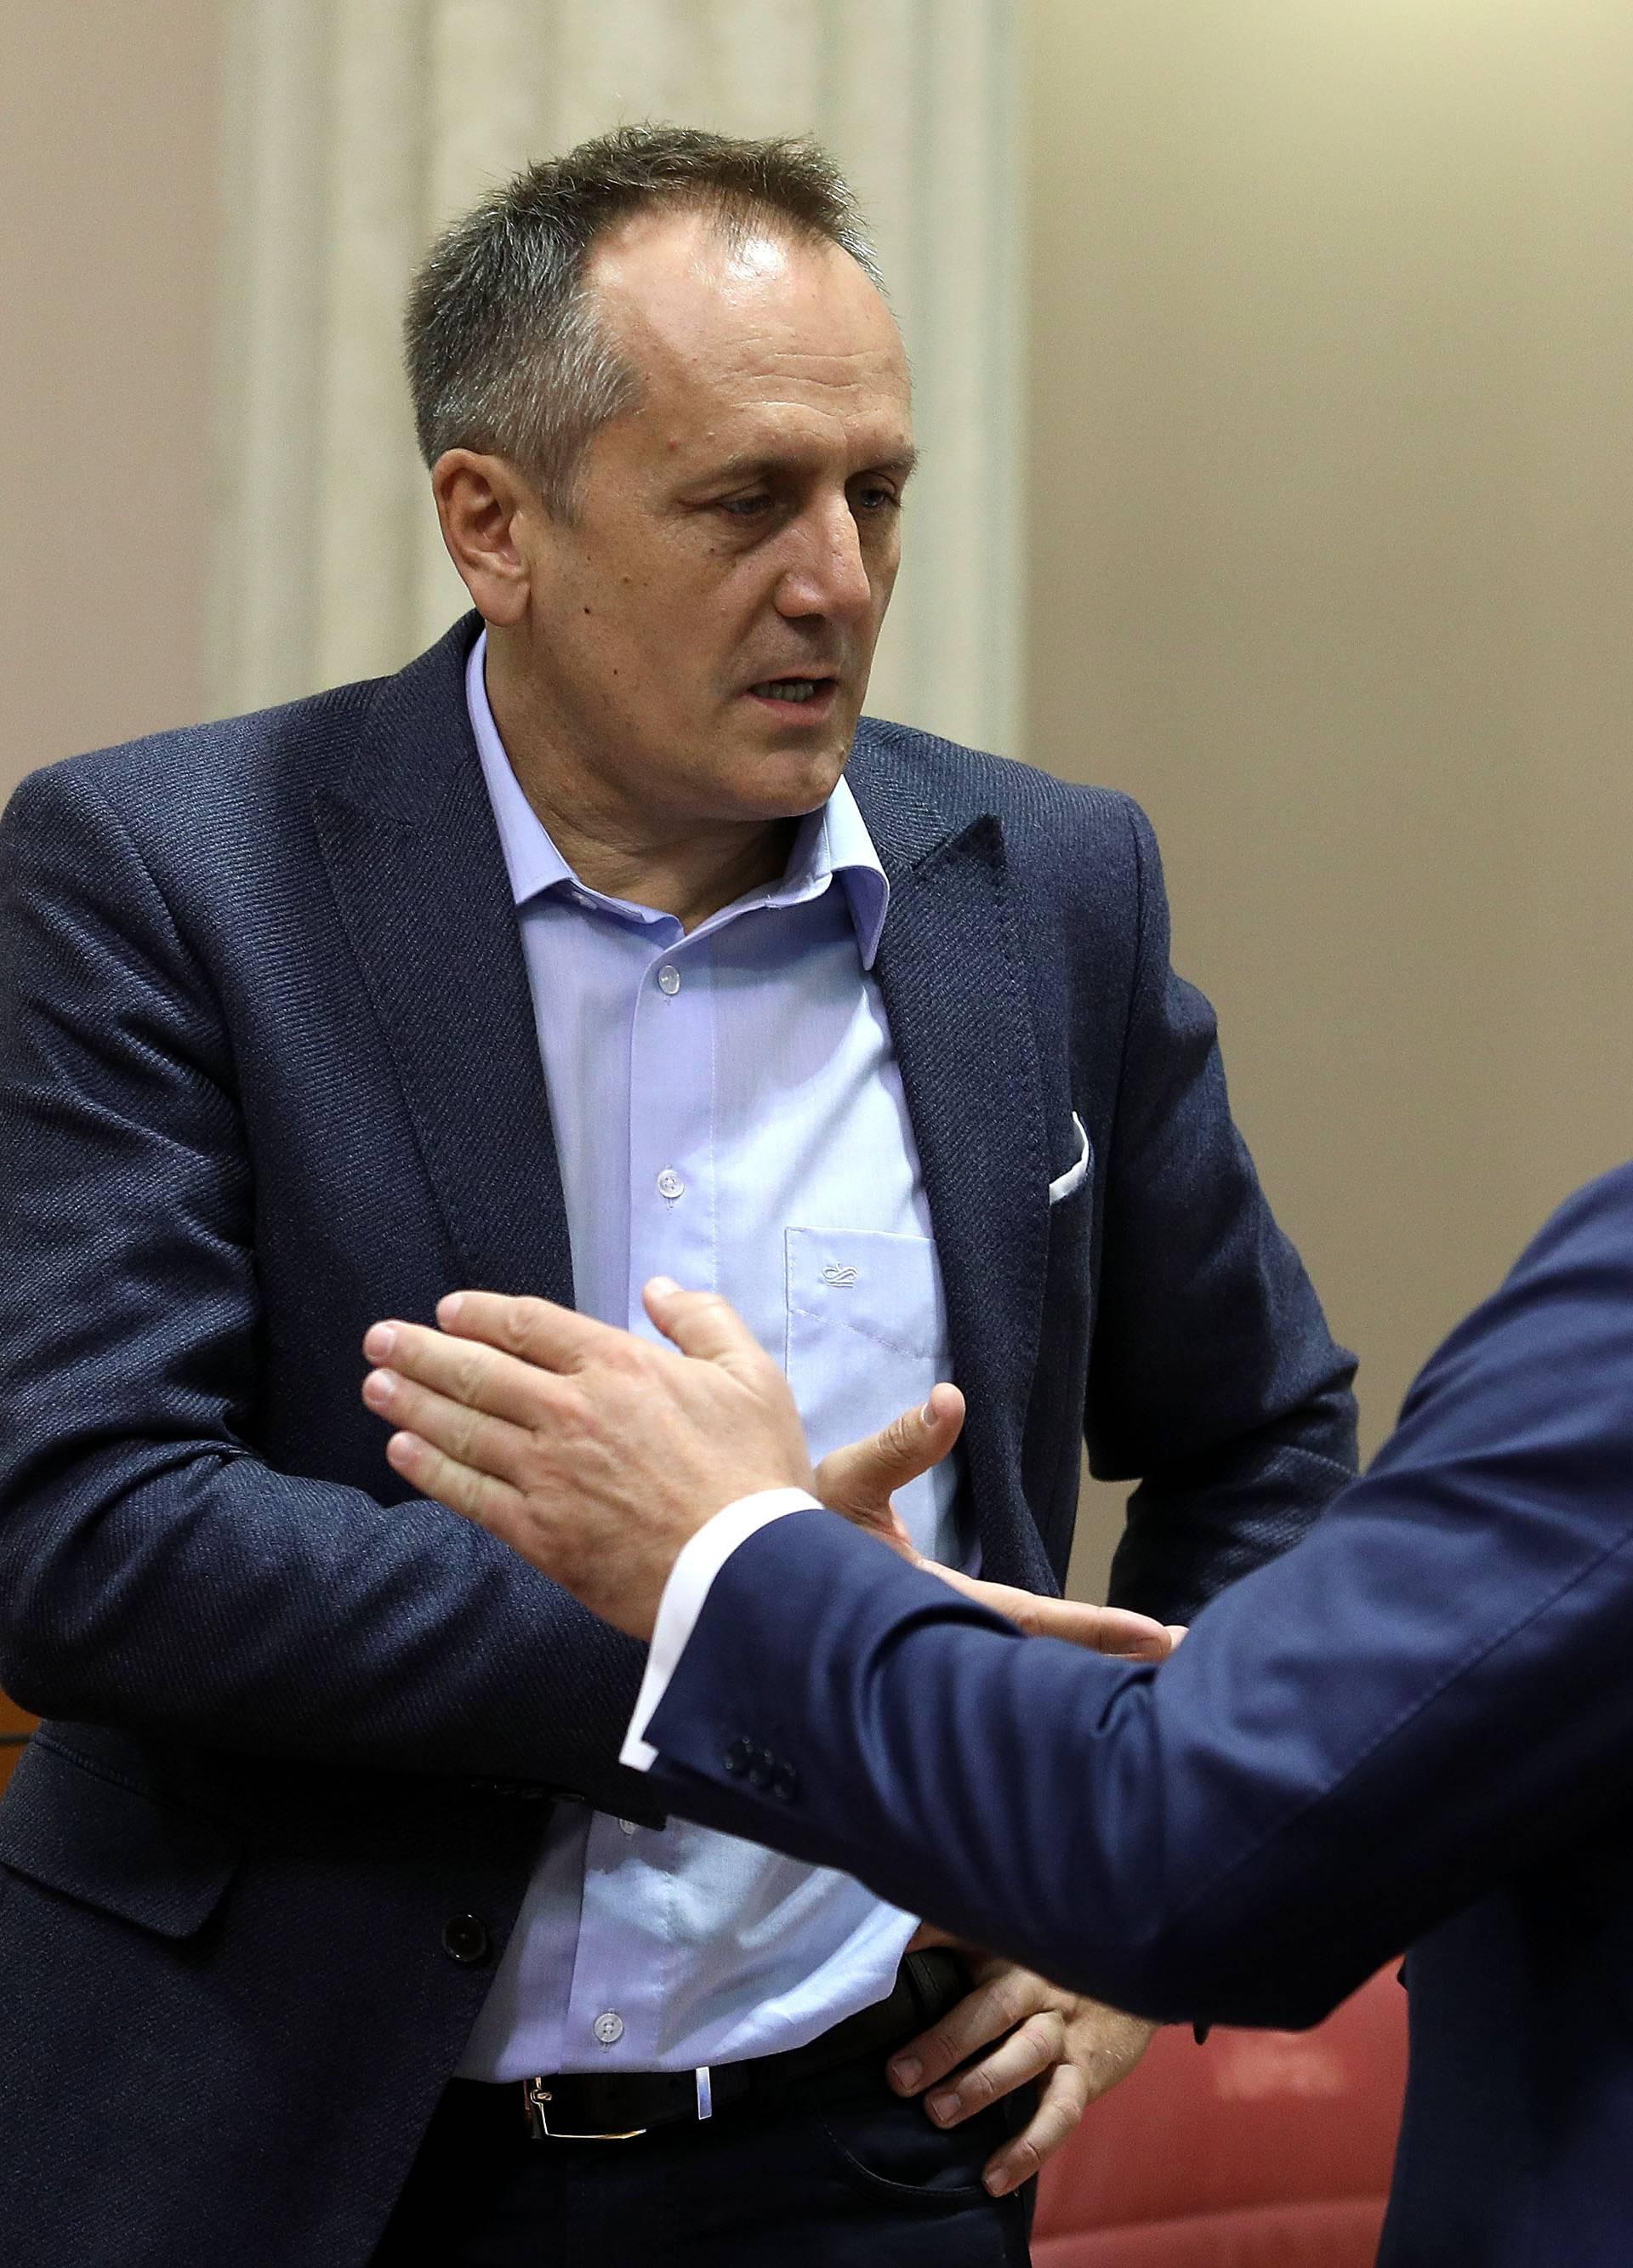 Komuniciraju pismima: Počinje okršaj za zagrebački HDZ...